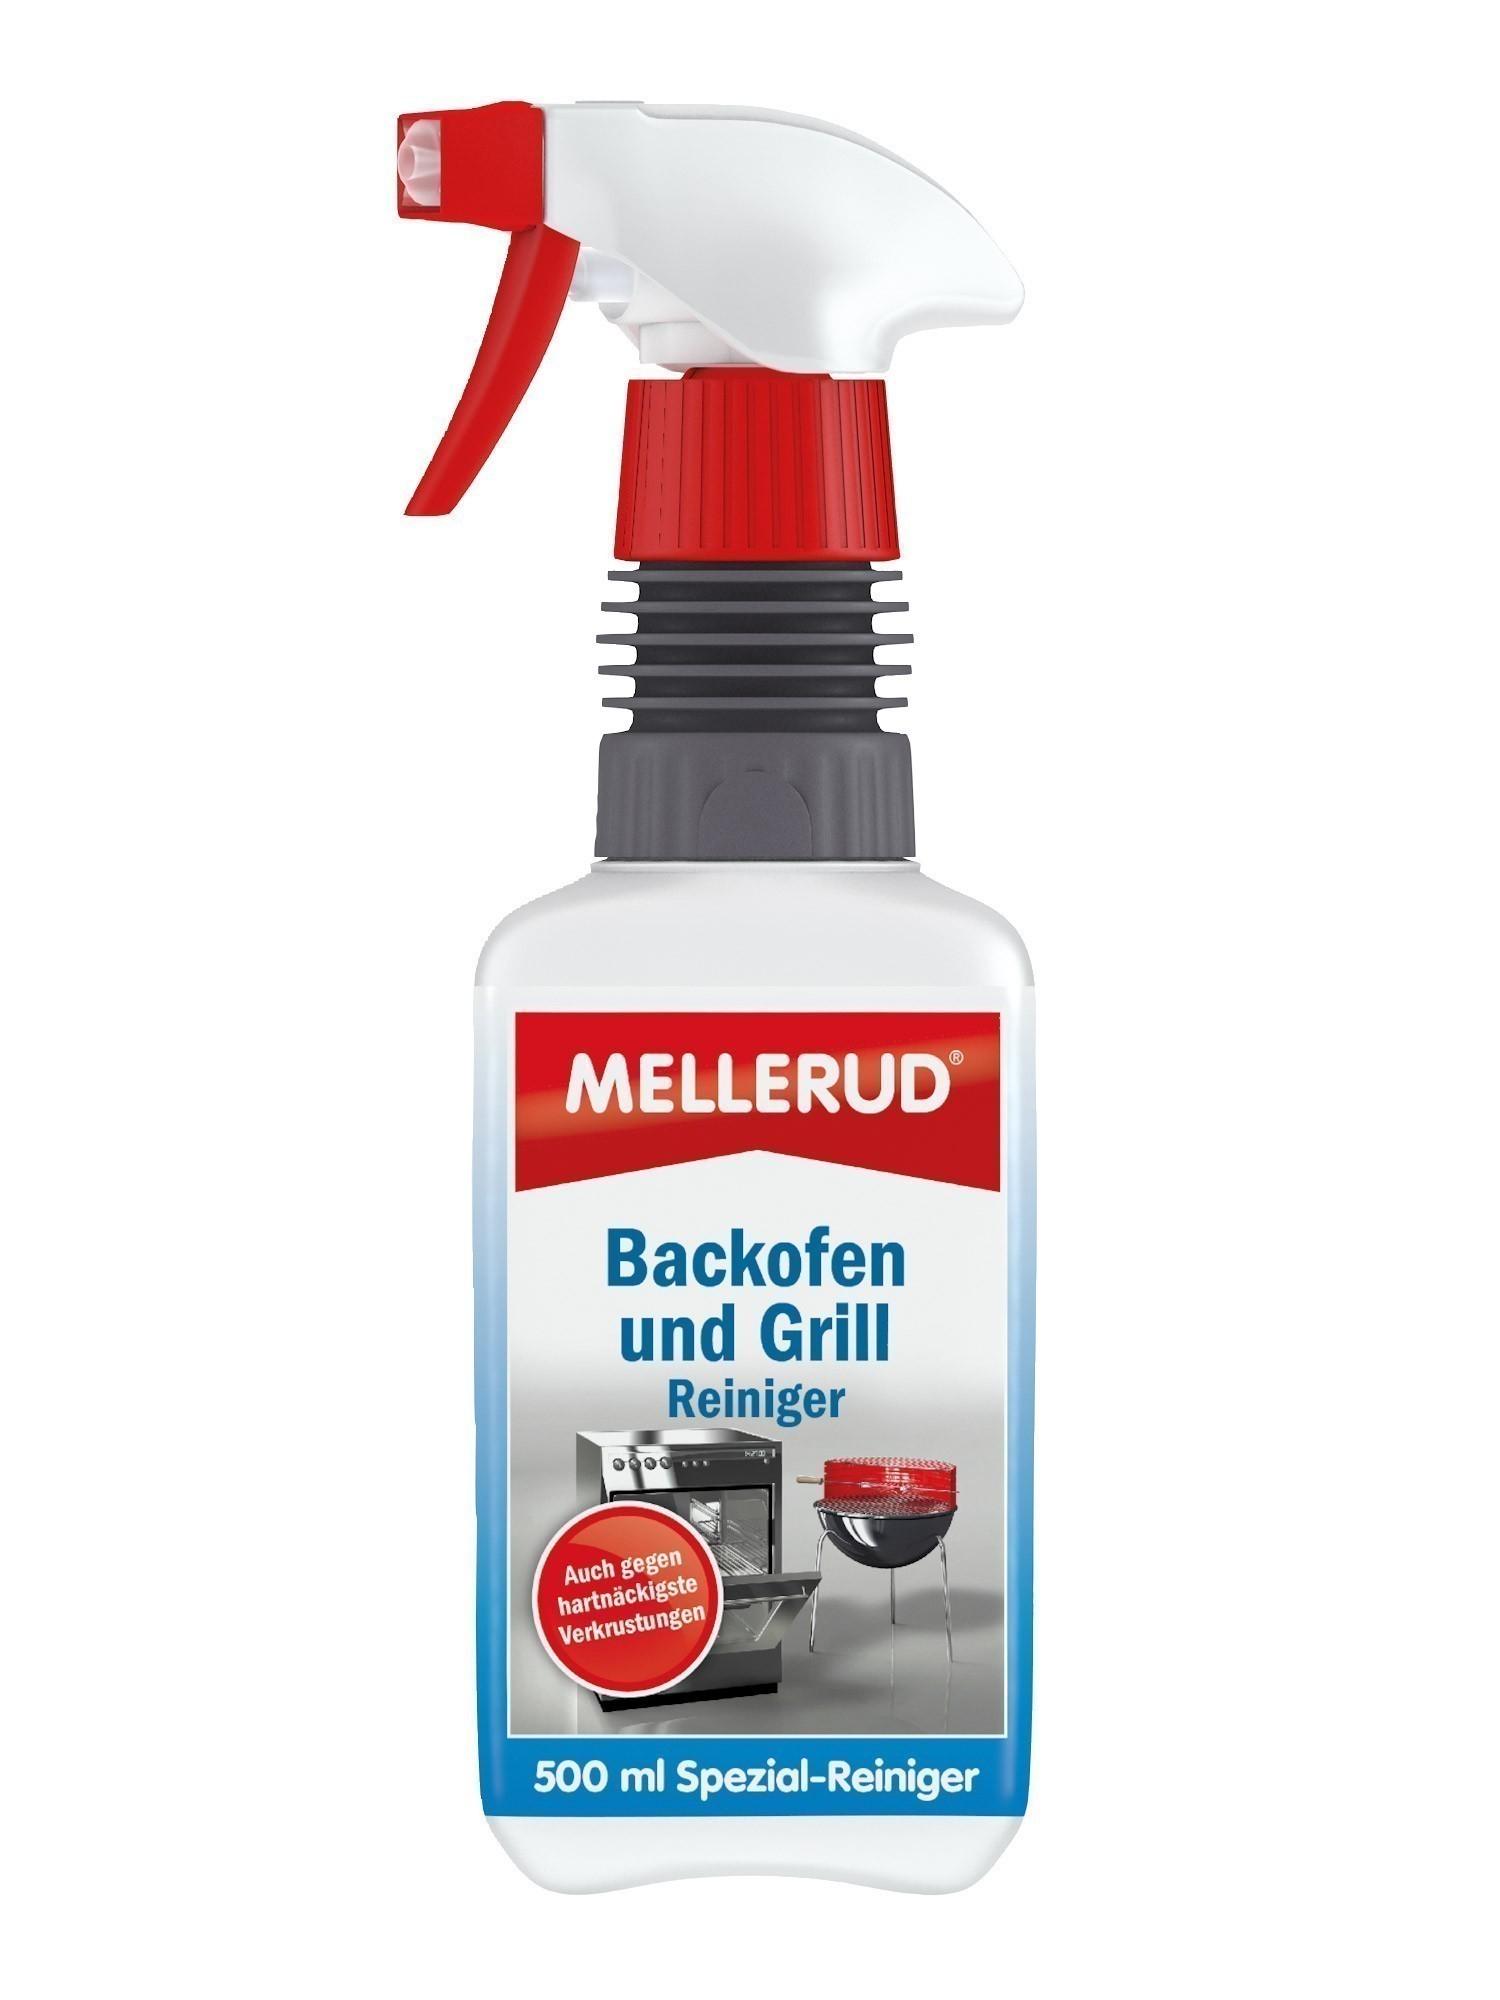 MELLERUD Backofen und Grill Reinger 500 ml Bild 1